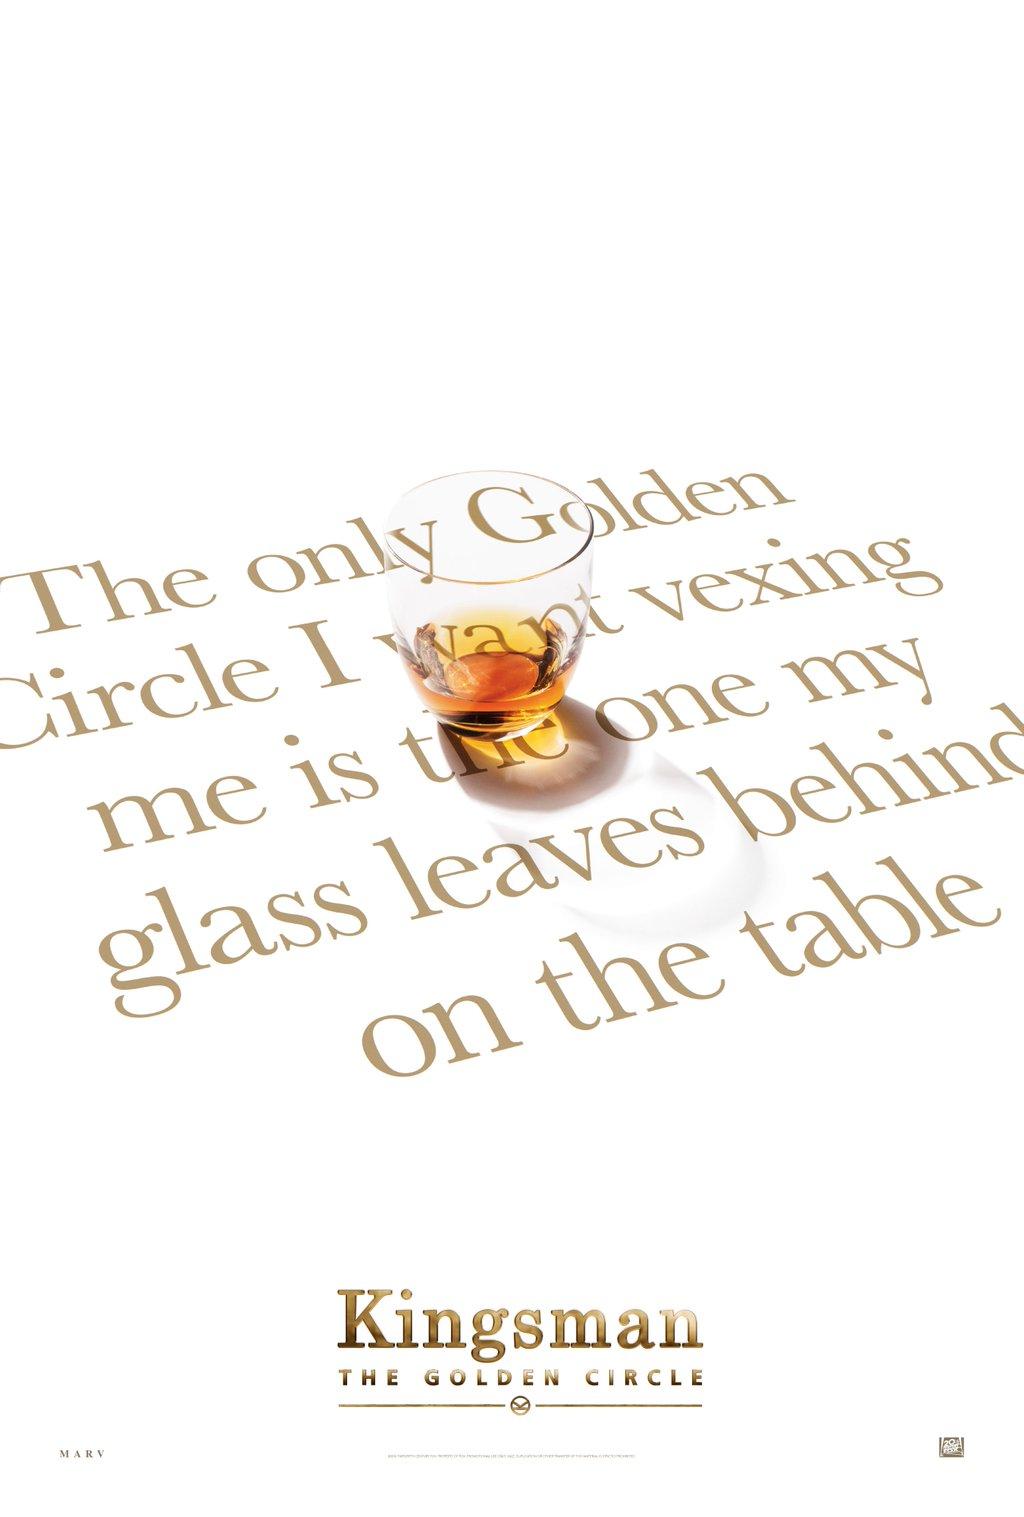 kingsman-the-golden-circle-02.png